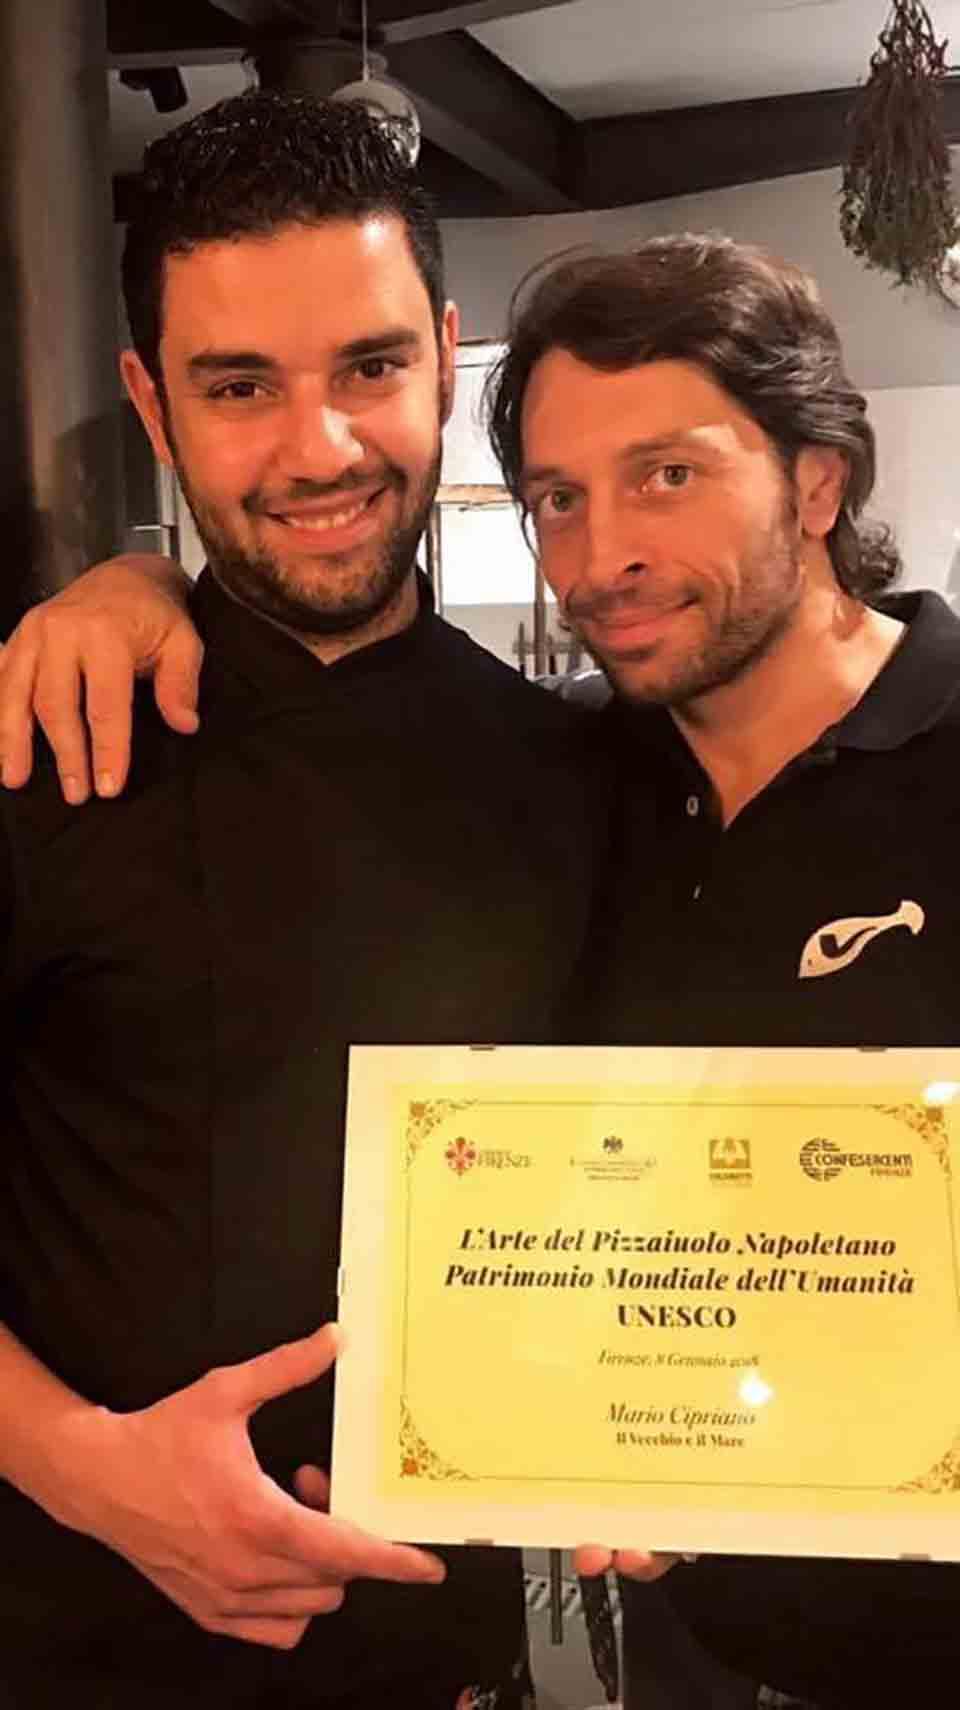 Mario Cipriano e Pasquale Naccari